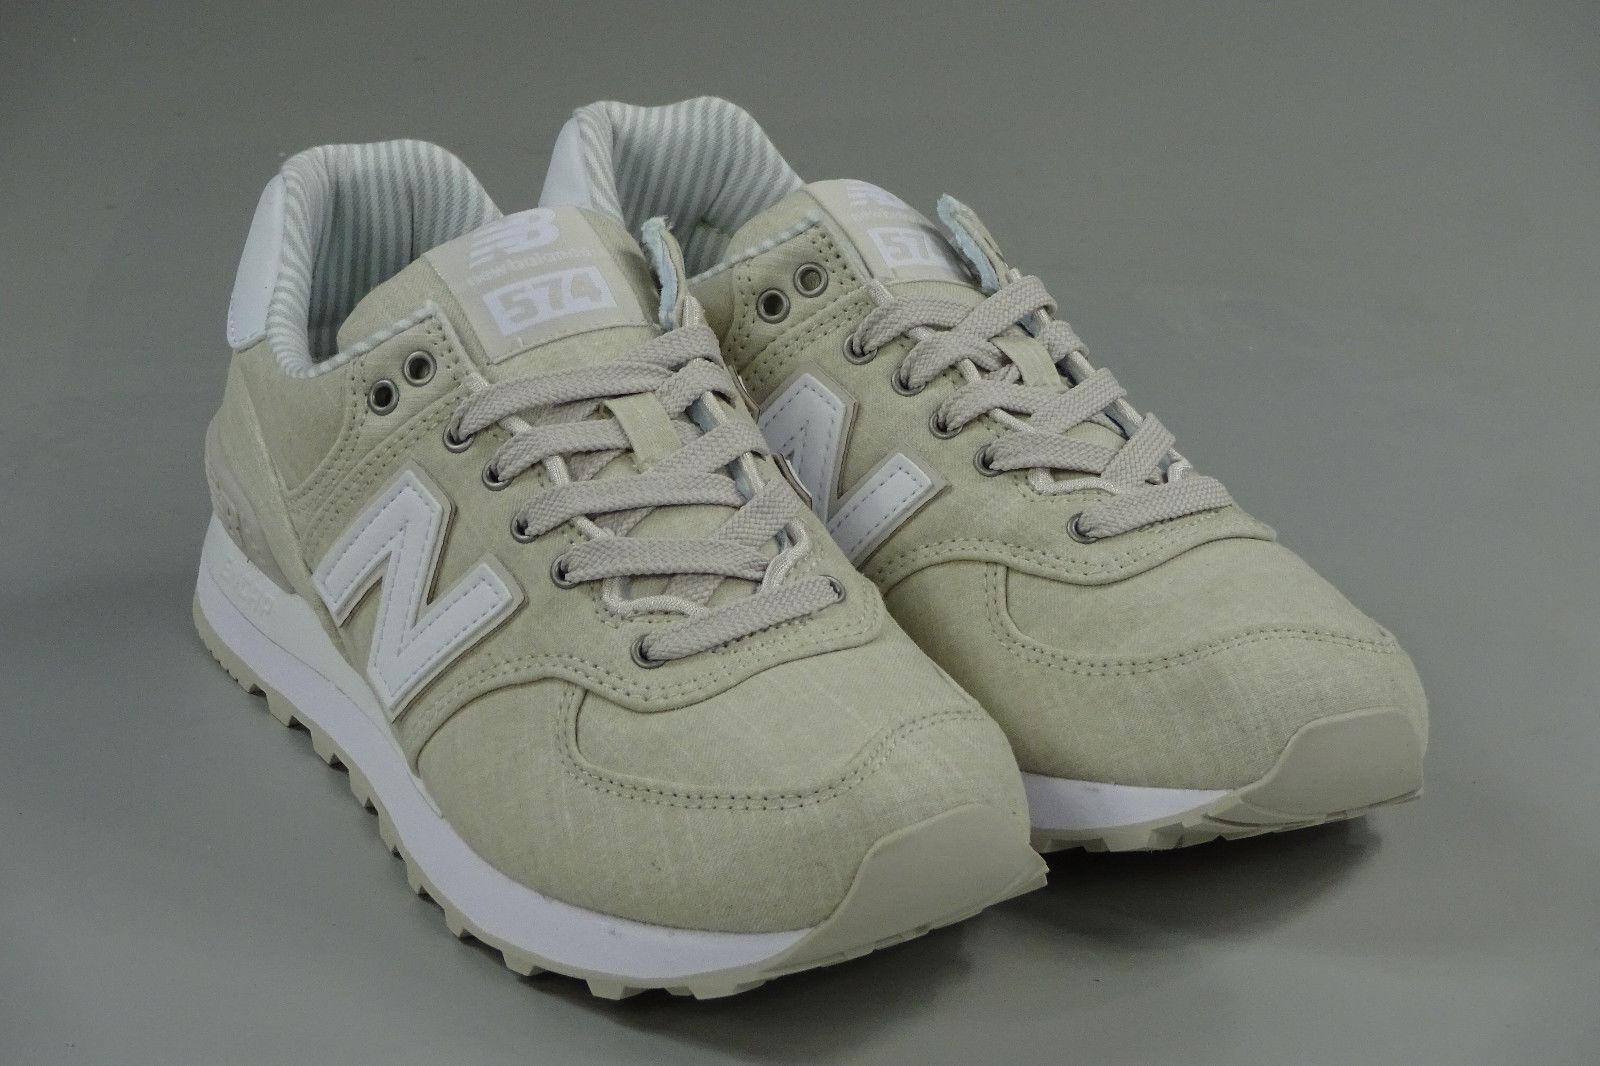 New balance mujerzapatilla mujerzapatilla mujerzapatilla de deporte zapatillas 40 zapatos señora zapatos 40.5 nuevo embalaje original original ecb8de